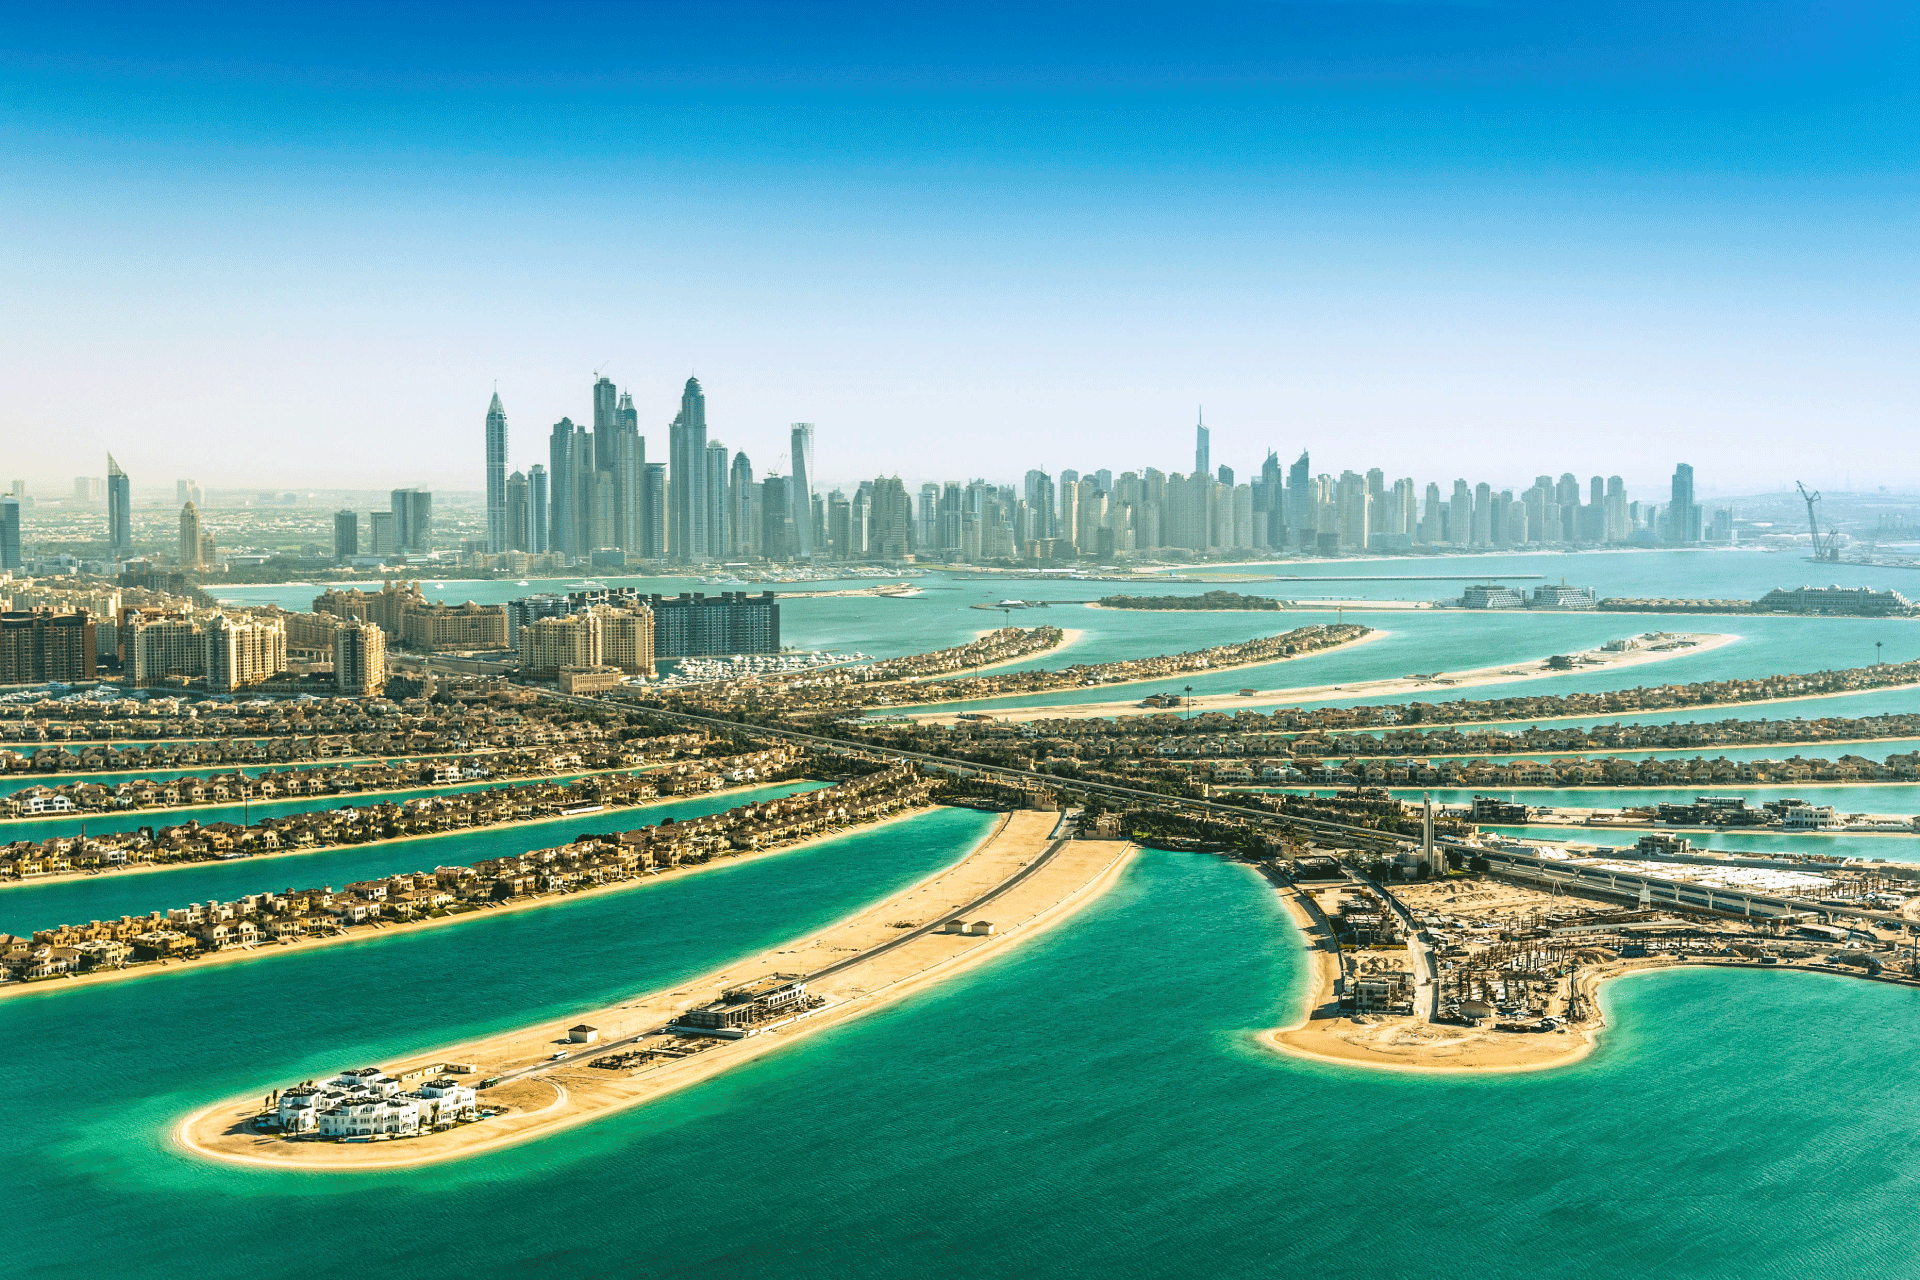 Continente de Asia - Emiratos Arabes Unidos